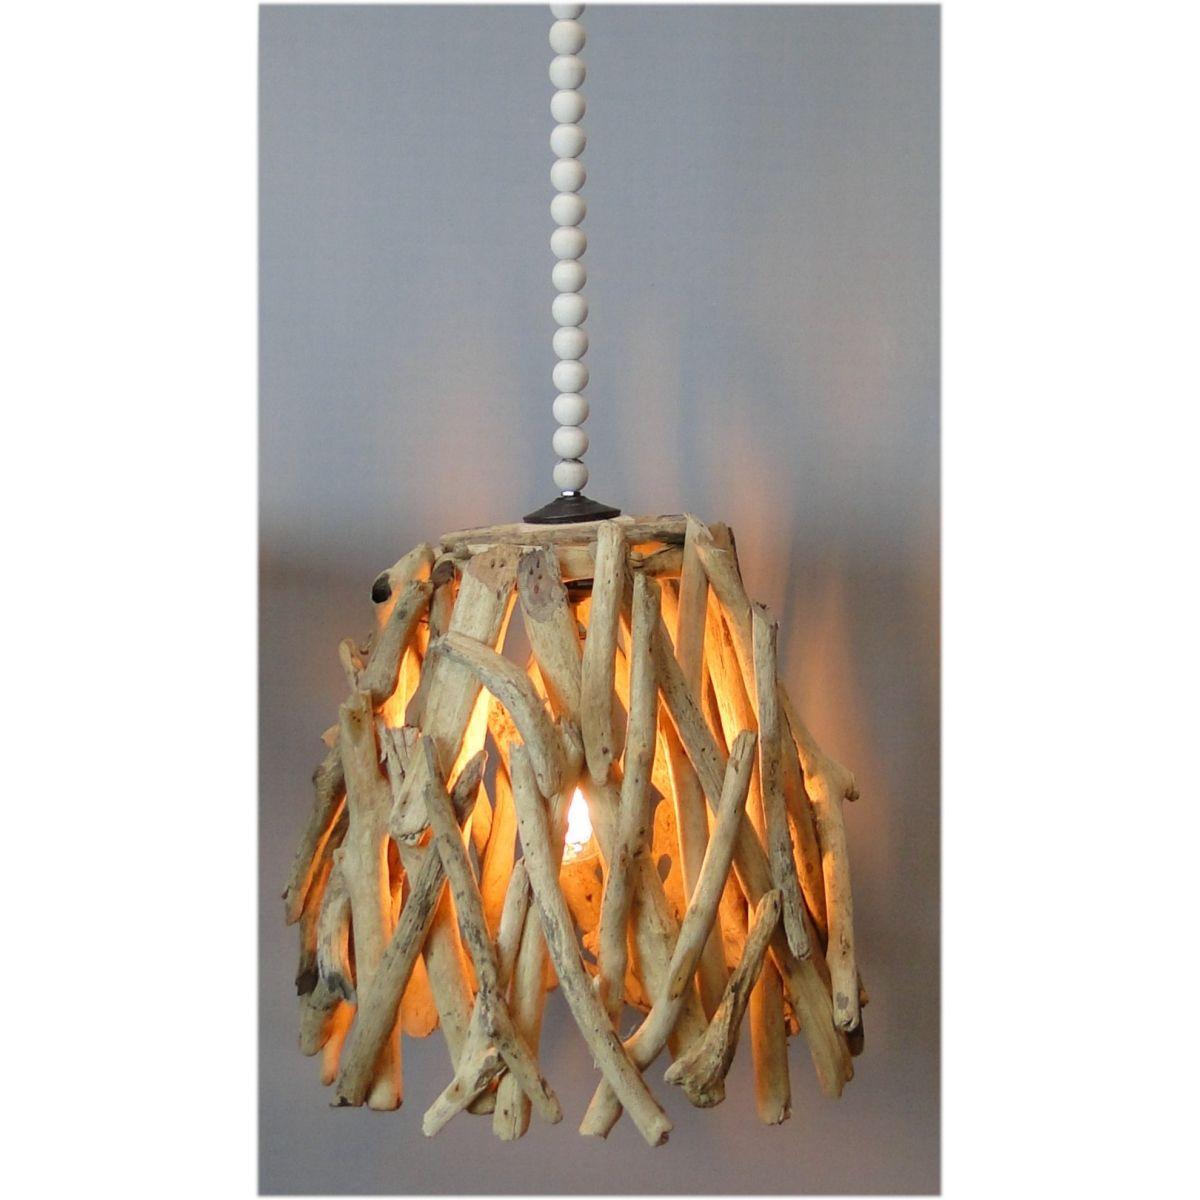 driftwood pendant light nautical rope driftwood pendant light fixture hand made natural wood bead medium chandelier